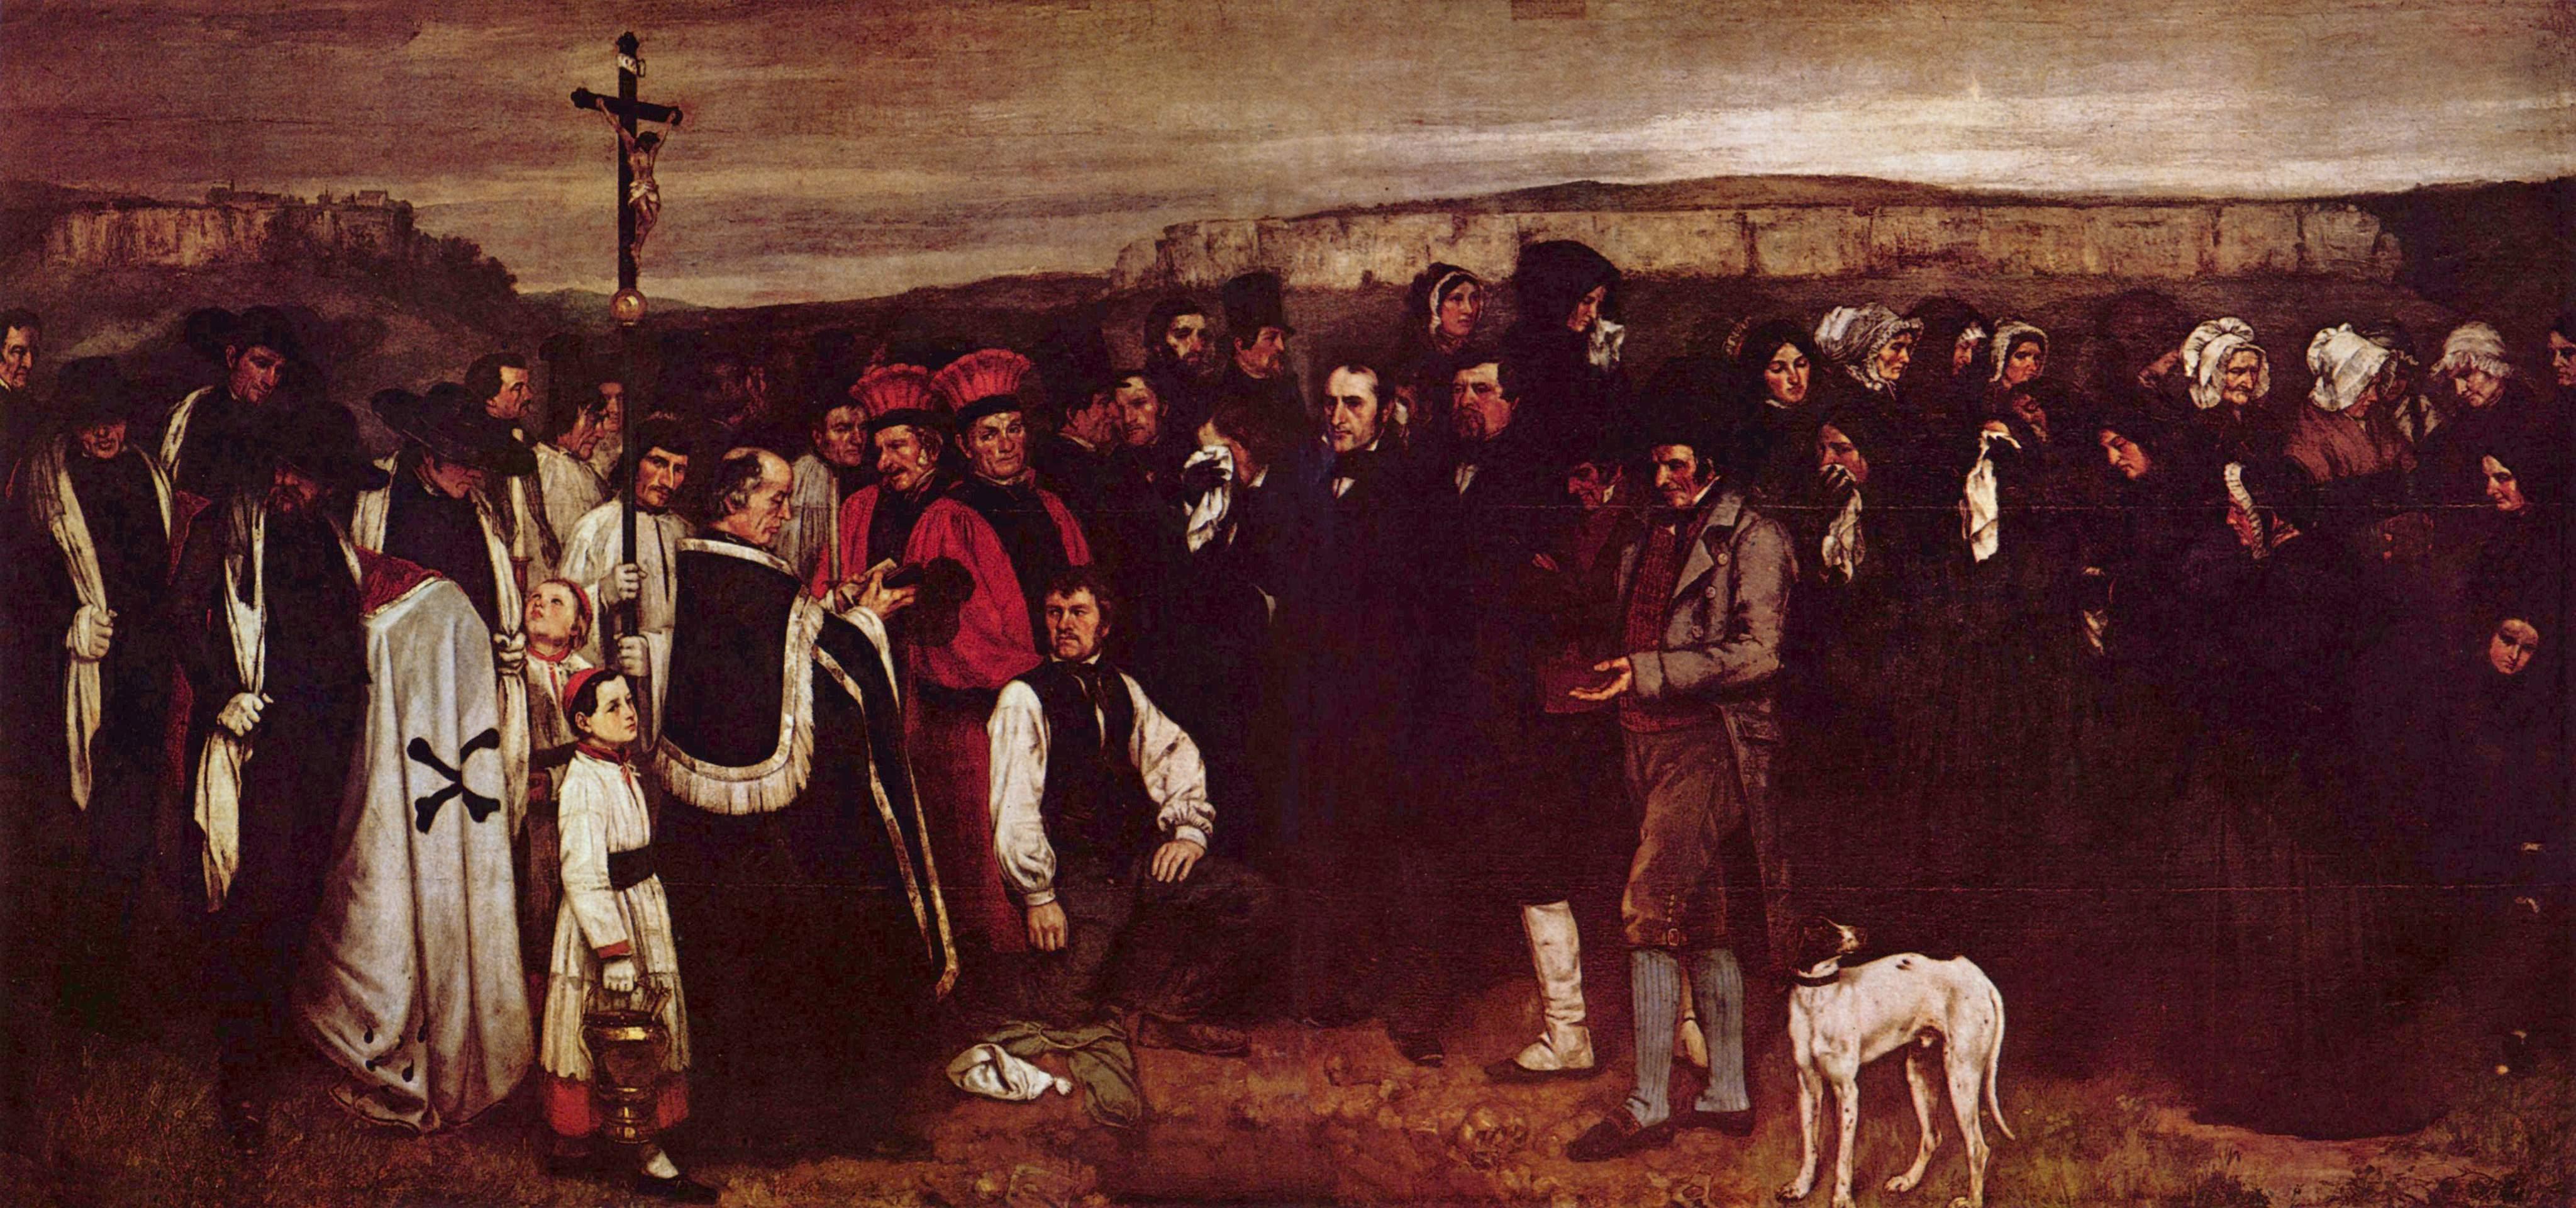 Realisme Peinture Wikipedia